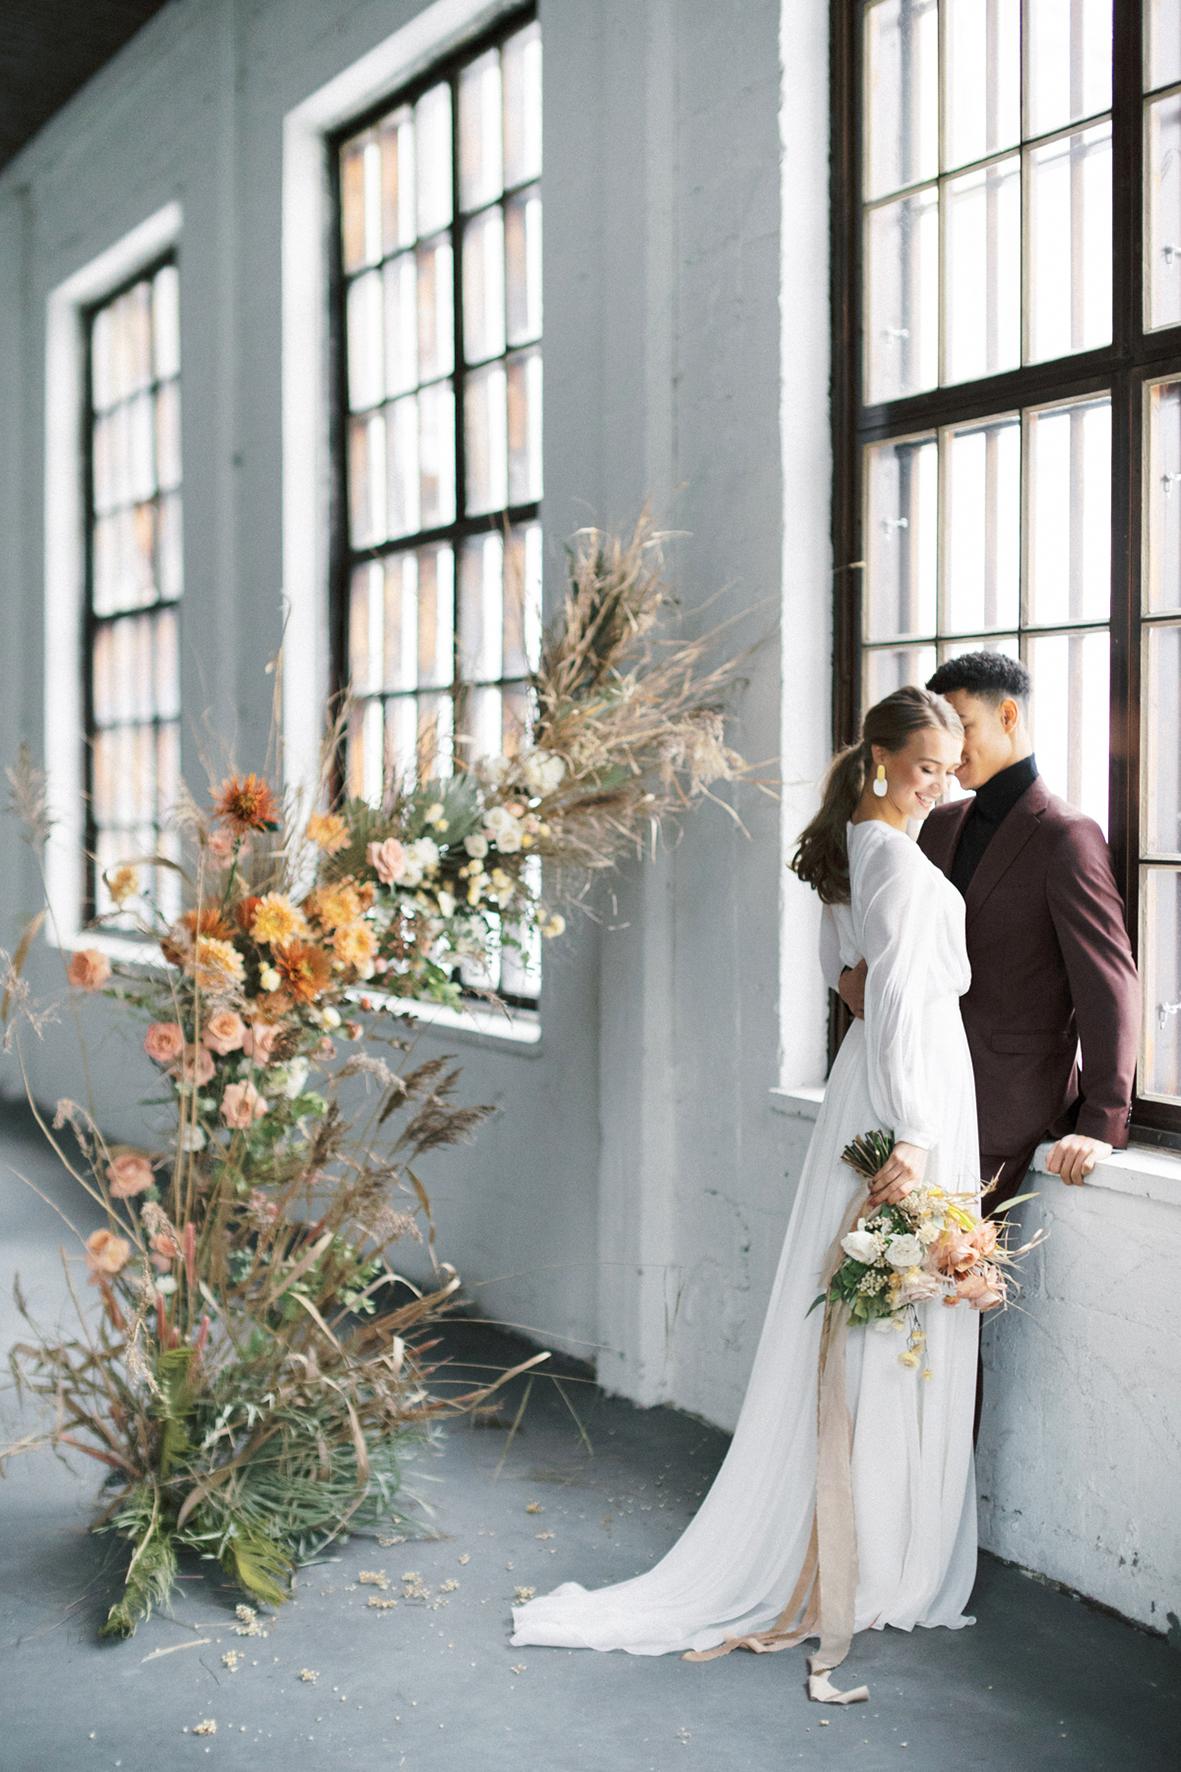 A Vibrant Loft Winter Wedding in Fiskars, Finland